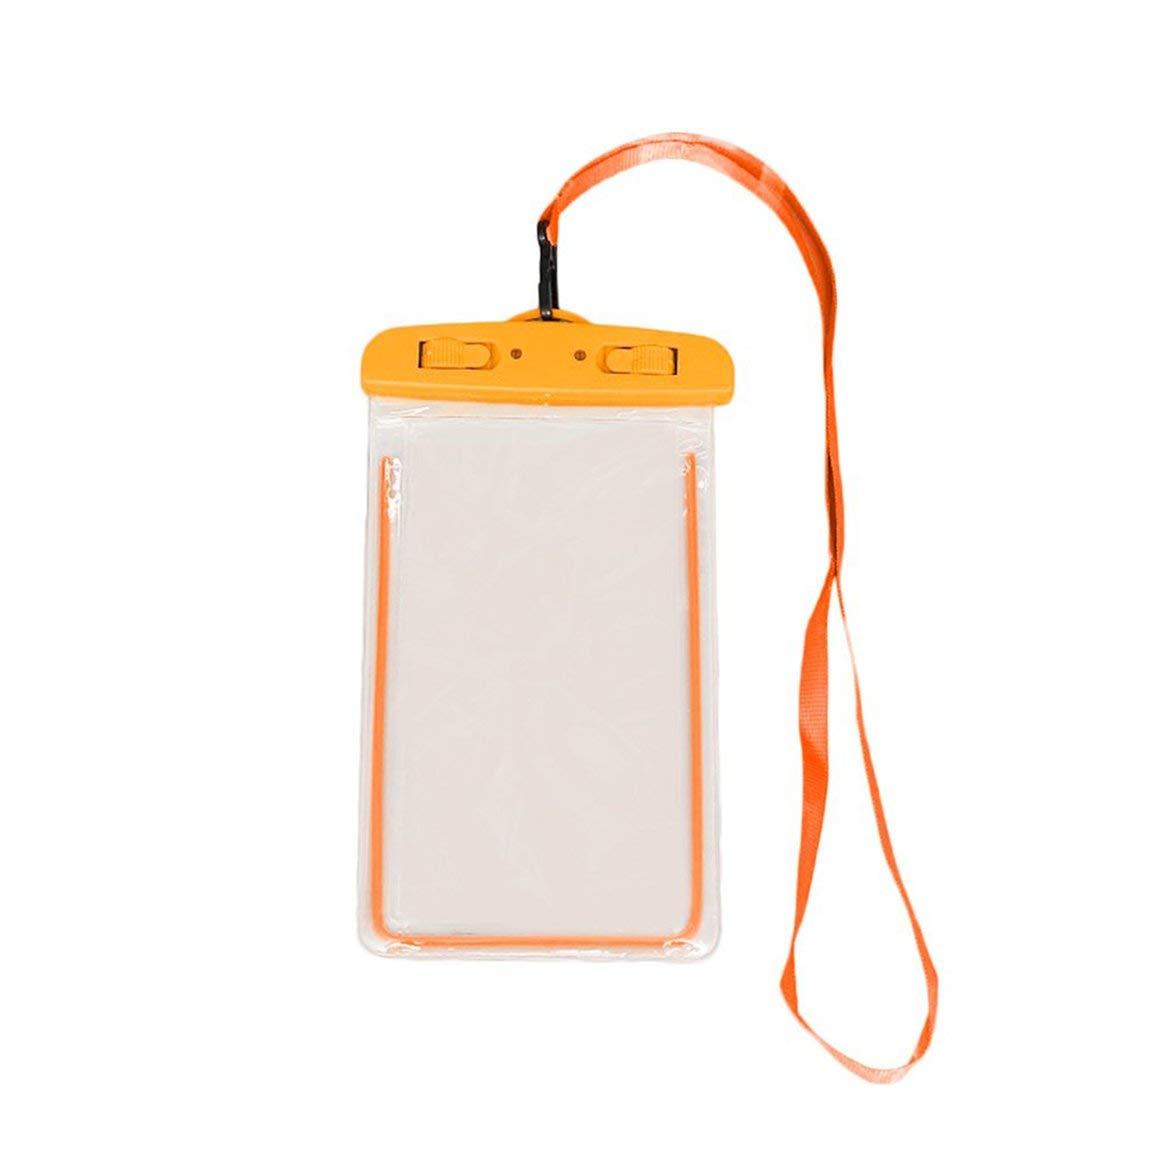 Bolsa de nataci/ón Impermeable de PVC Cubierta de la Caja del tel/éfono m/óvil Bolsa Seca Buceo Universal Derivaci/ón Riving Bolsas de Trekking Color: Naranja PVC